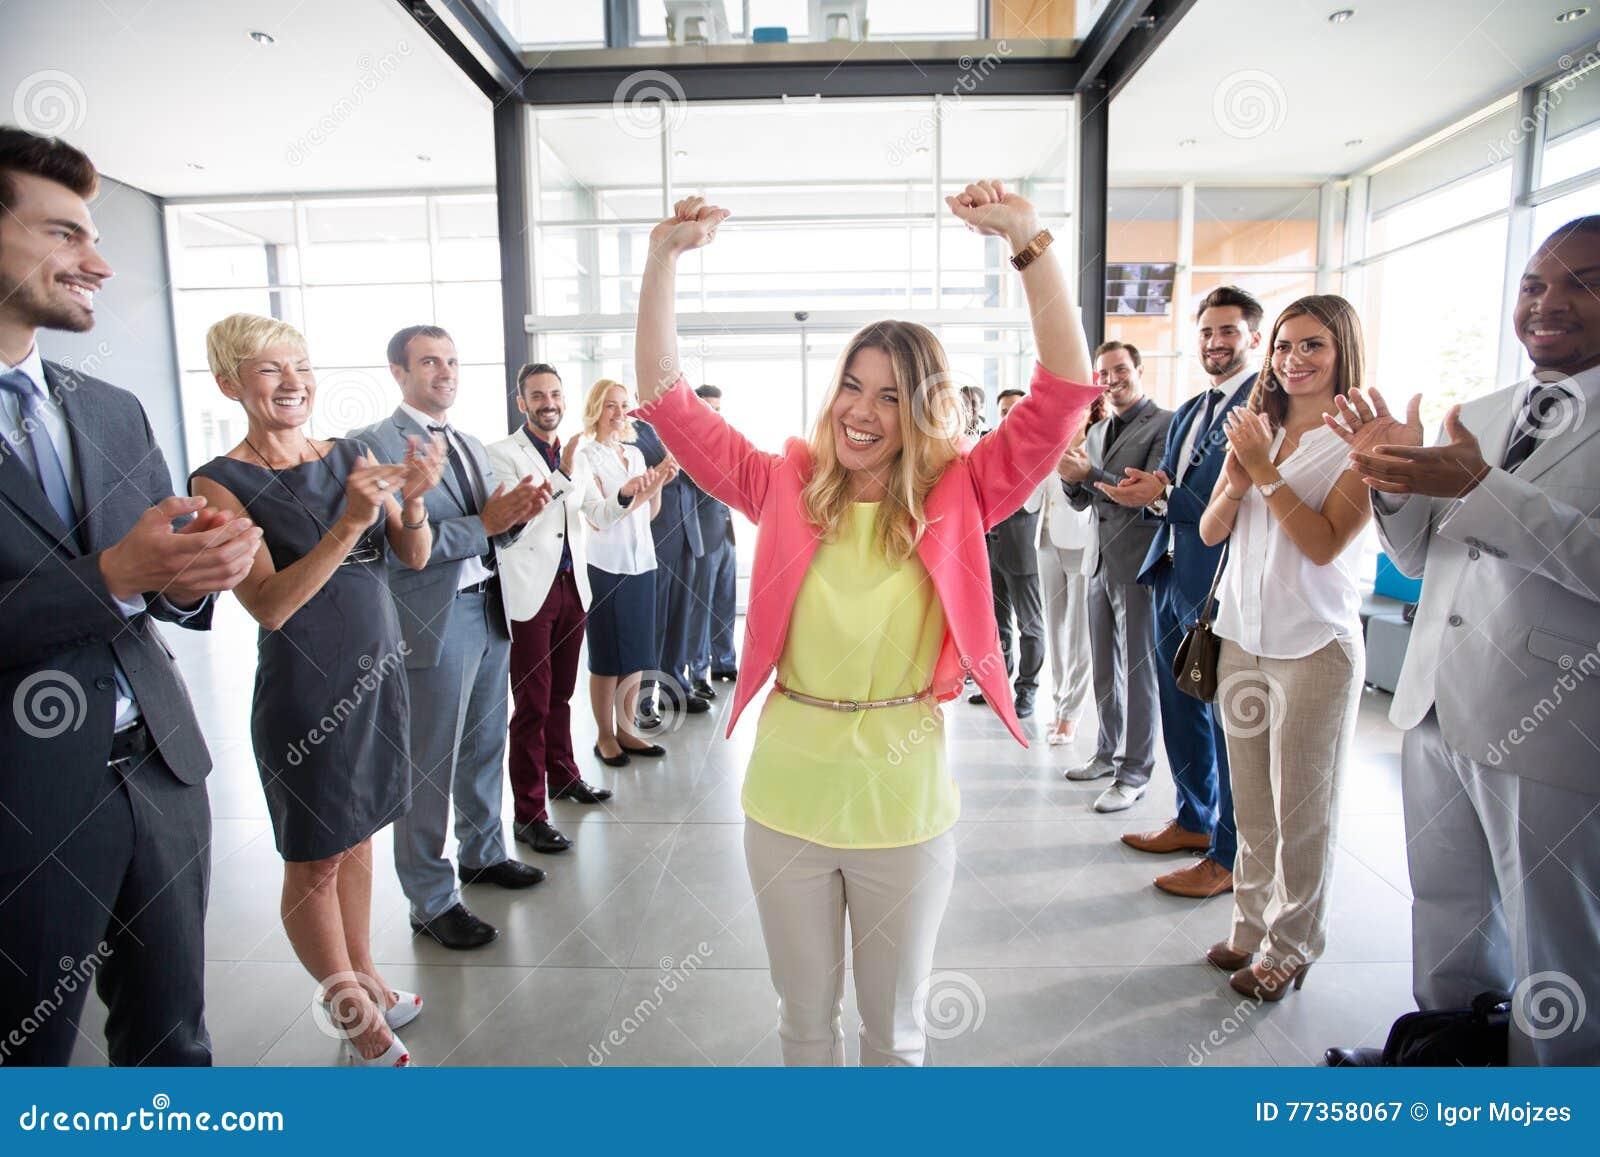 Положительный уверенно работодатель поздравлениям руководителя